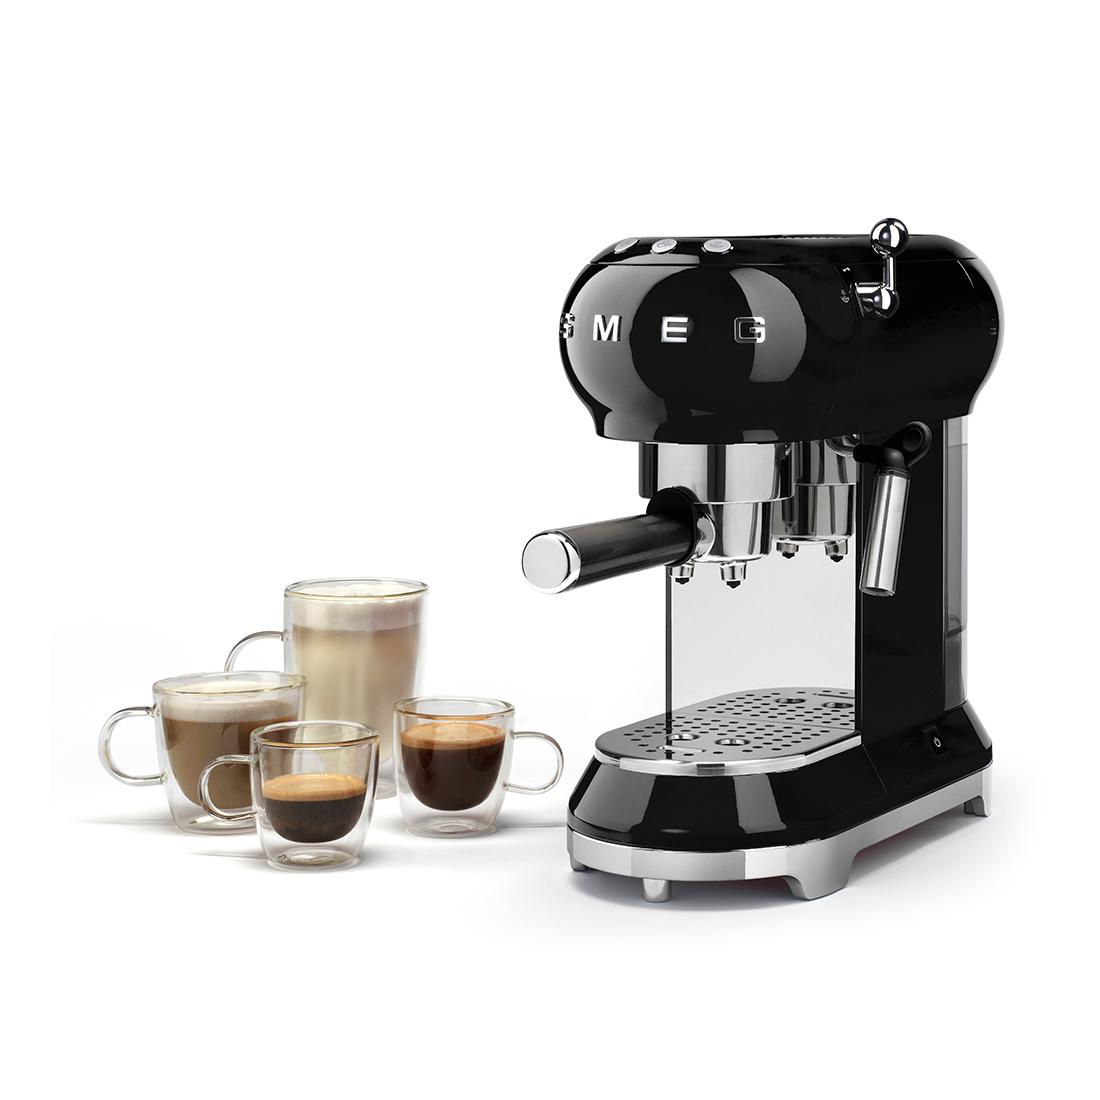 Máy pha cà phê Smeg ECF01BLEU- thegioidogiadung.com.vn